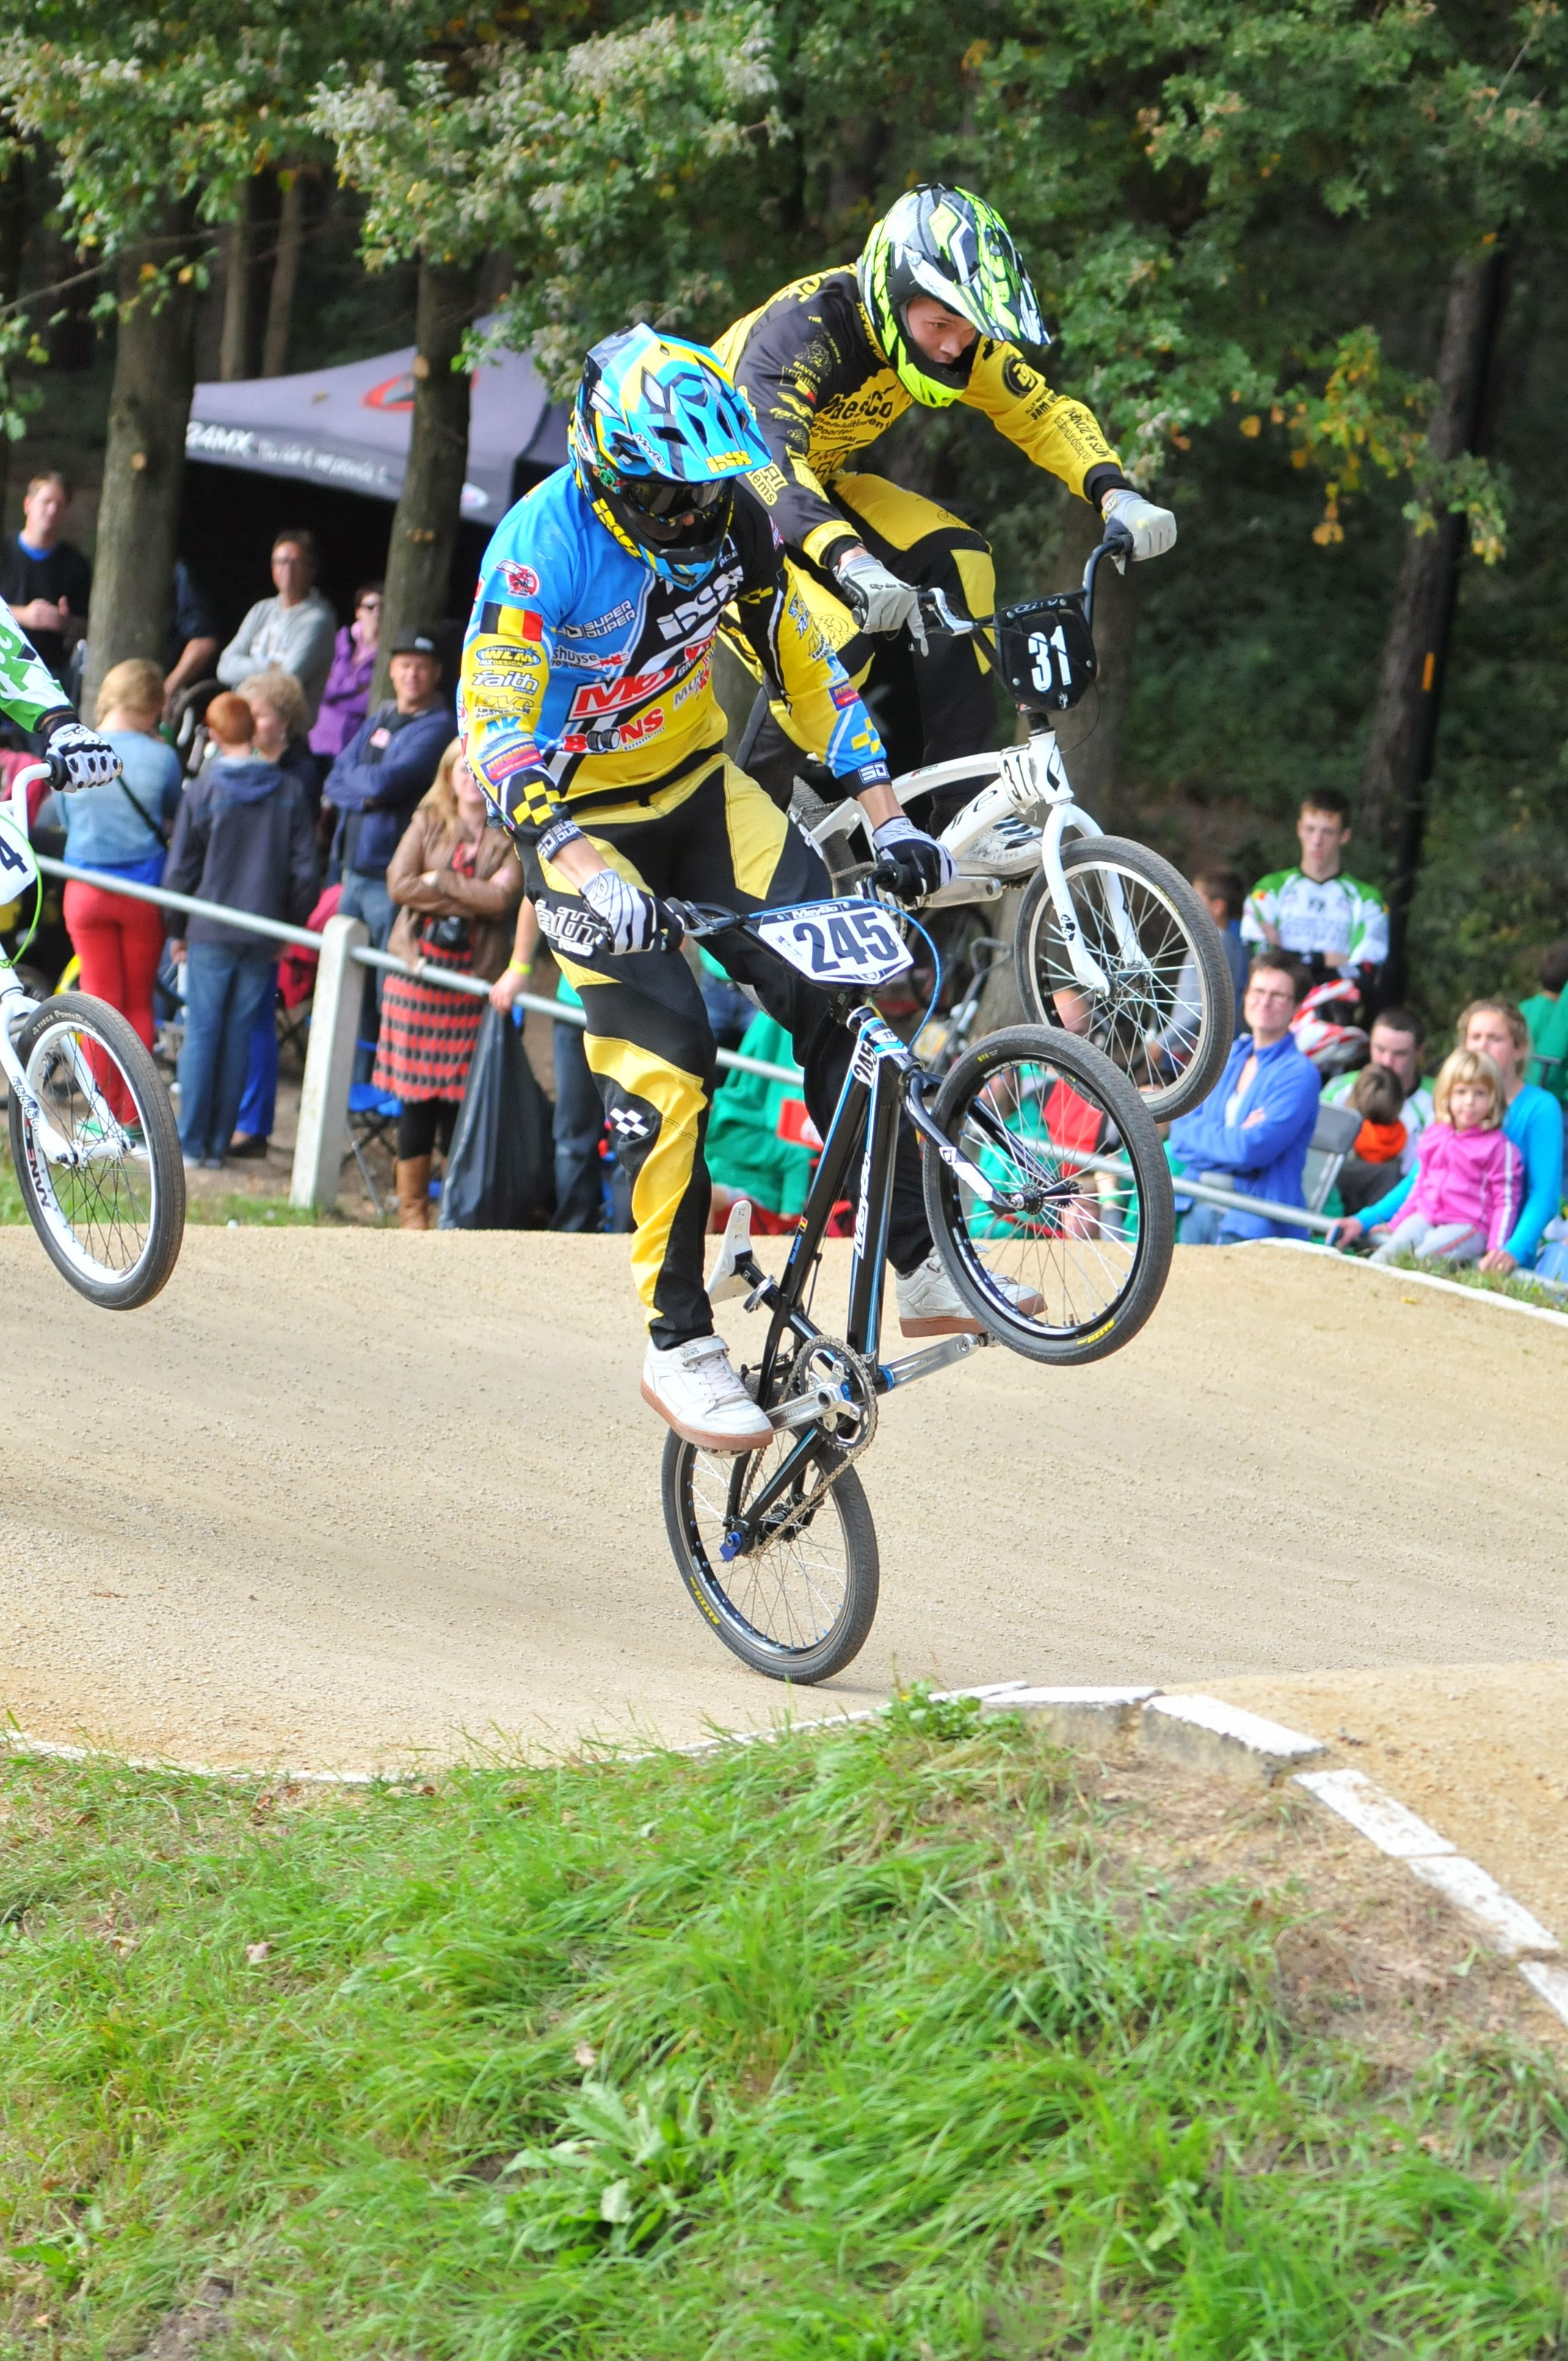 UEC BMX Europese Beker is wereldwijd evenement